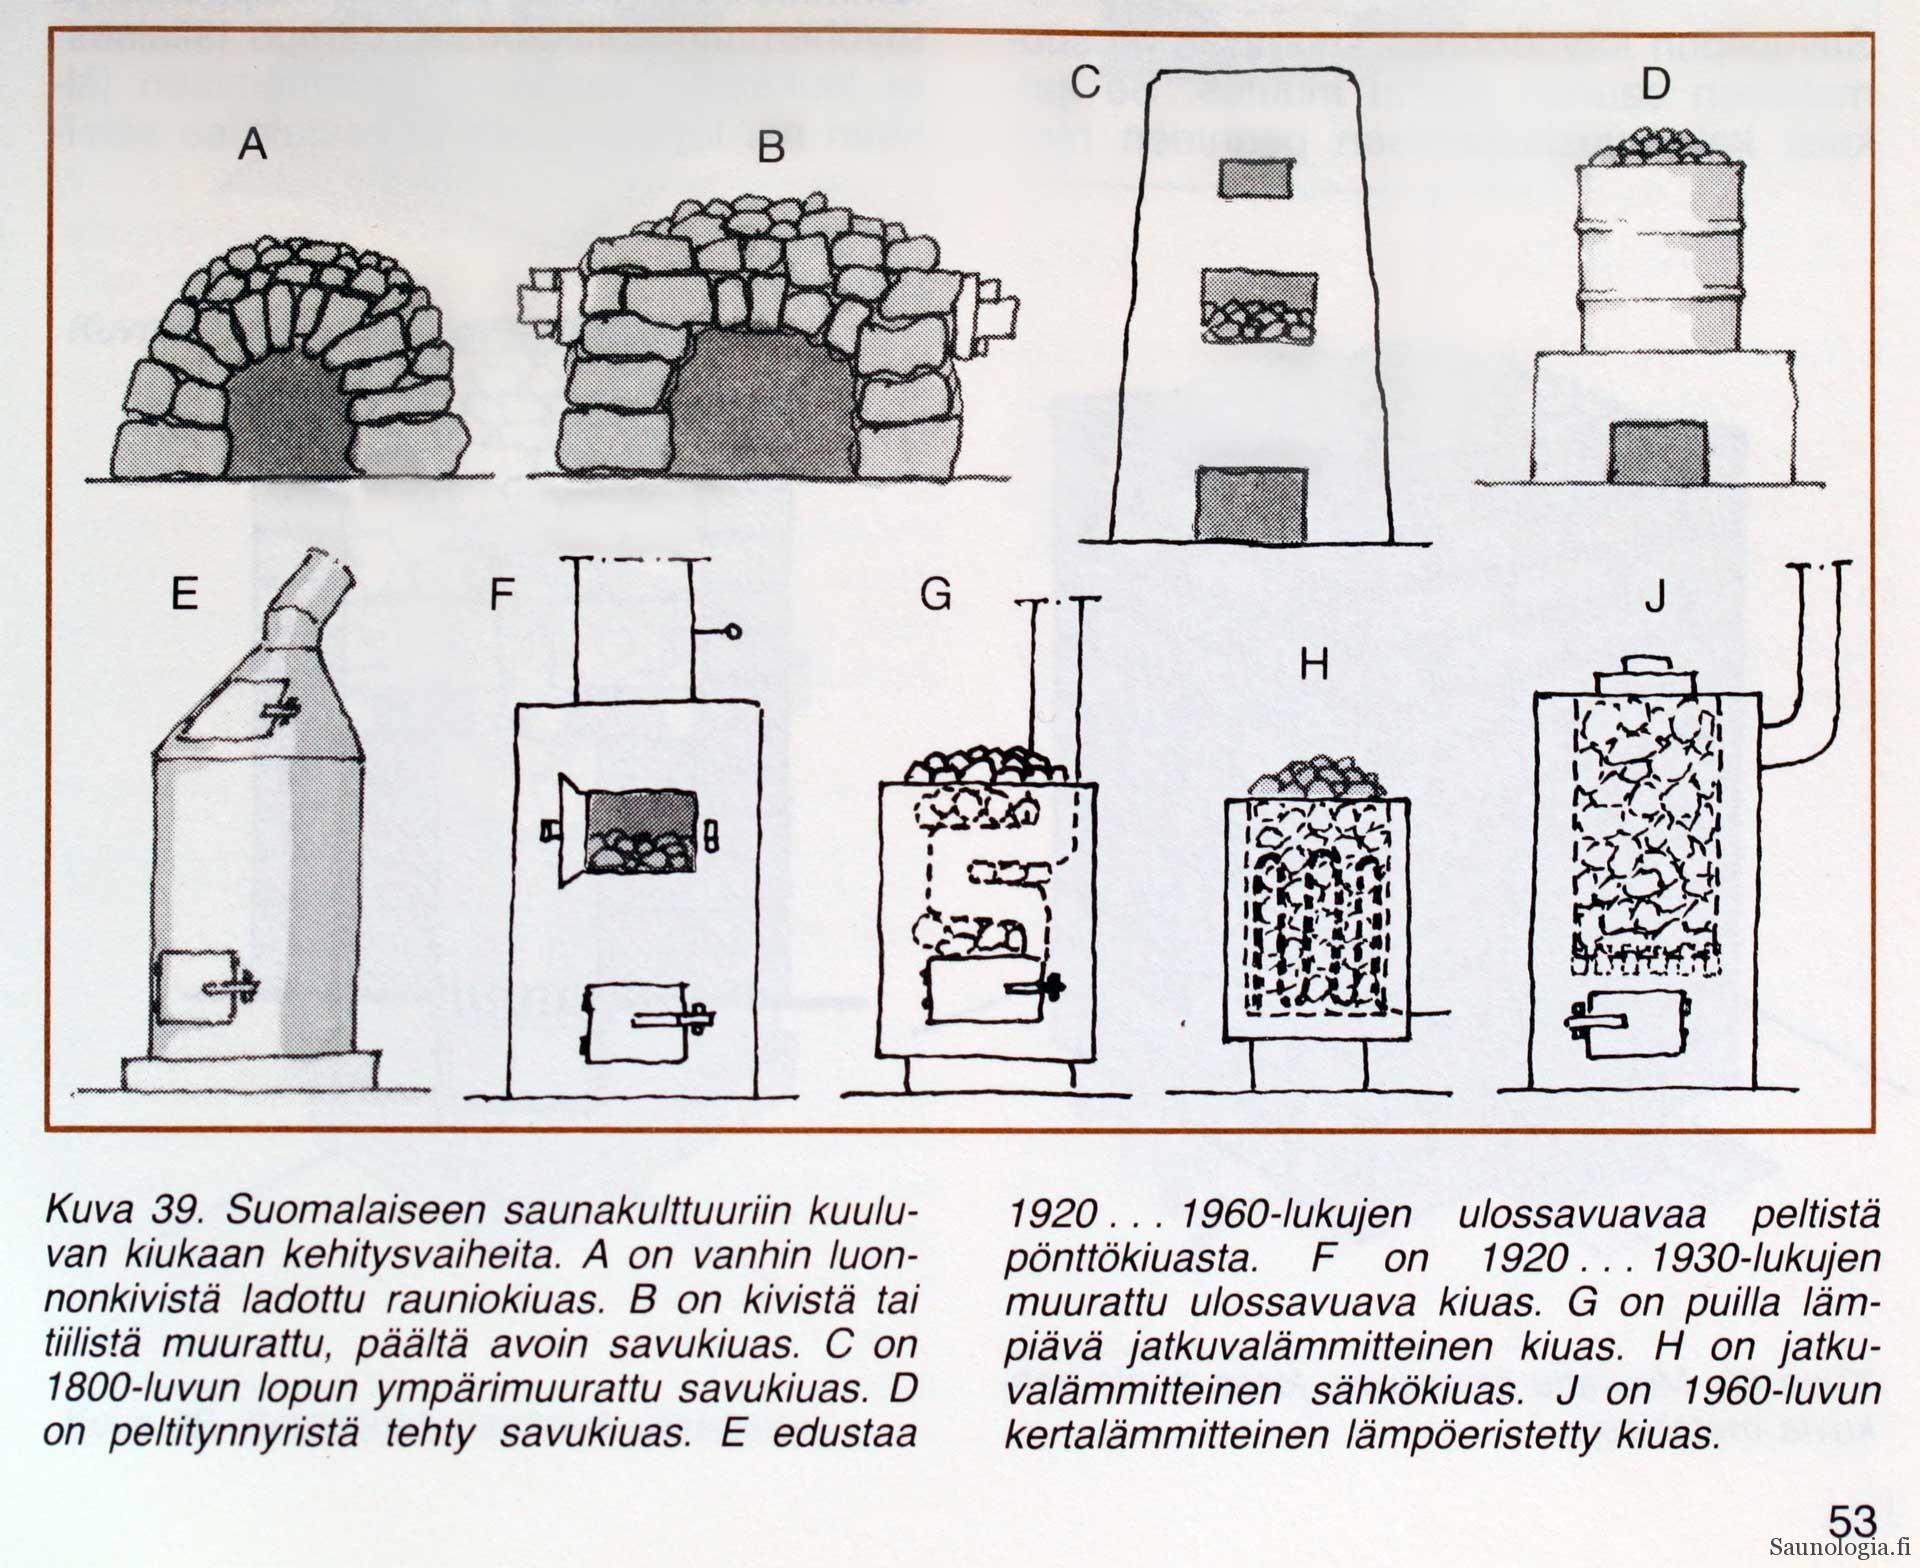 1986-Suomalaisen-kiukaan-kehitys-Rakennen-saunan-Tommila-Kuva-39